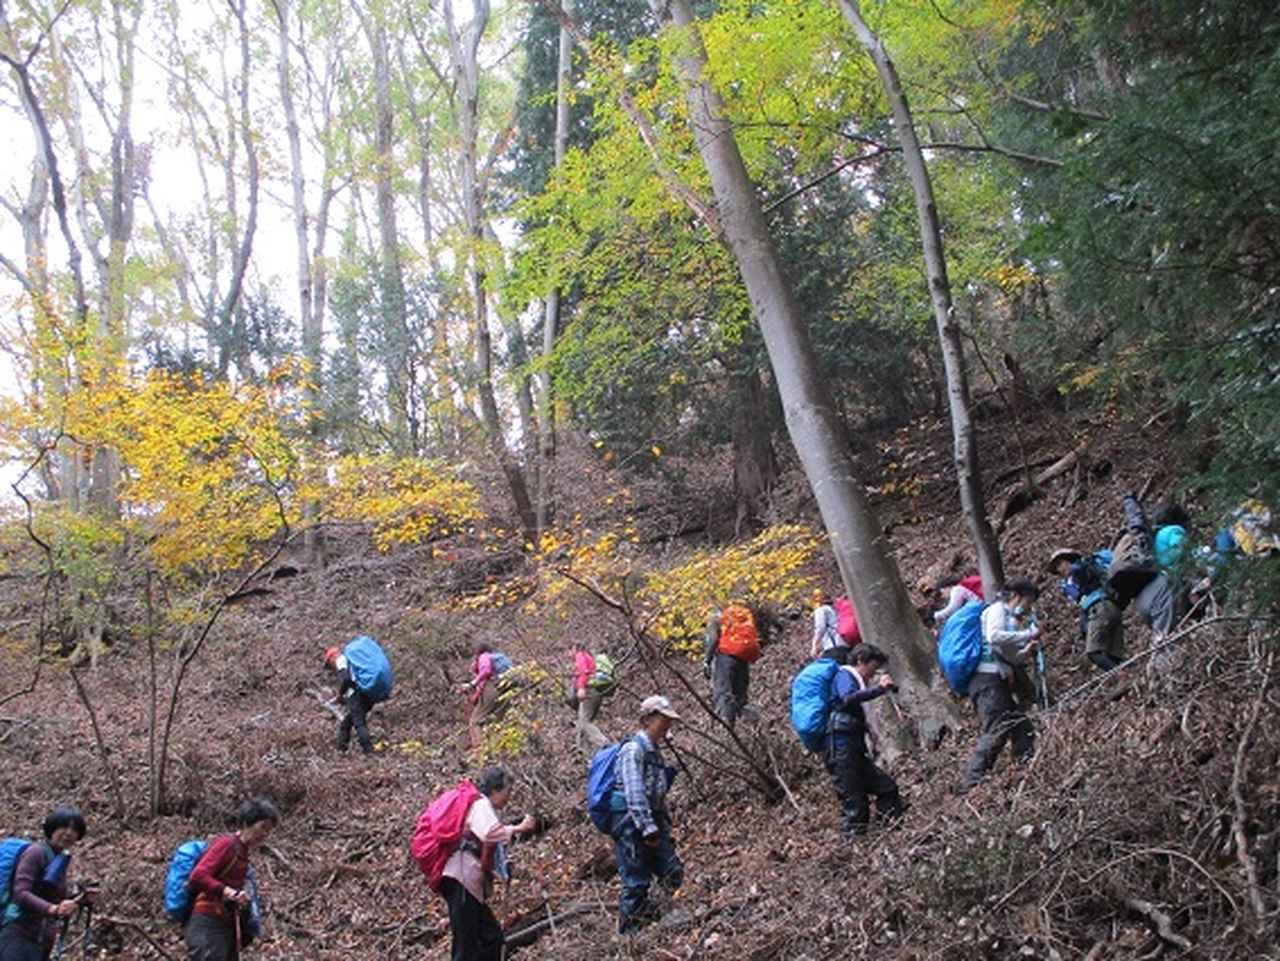 画像2: 【山旅会・登山ガイドこだわりツアー】添乗員からの便り・扇山ツアーにいってまいりました!